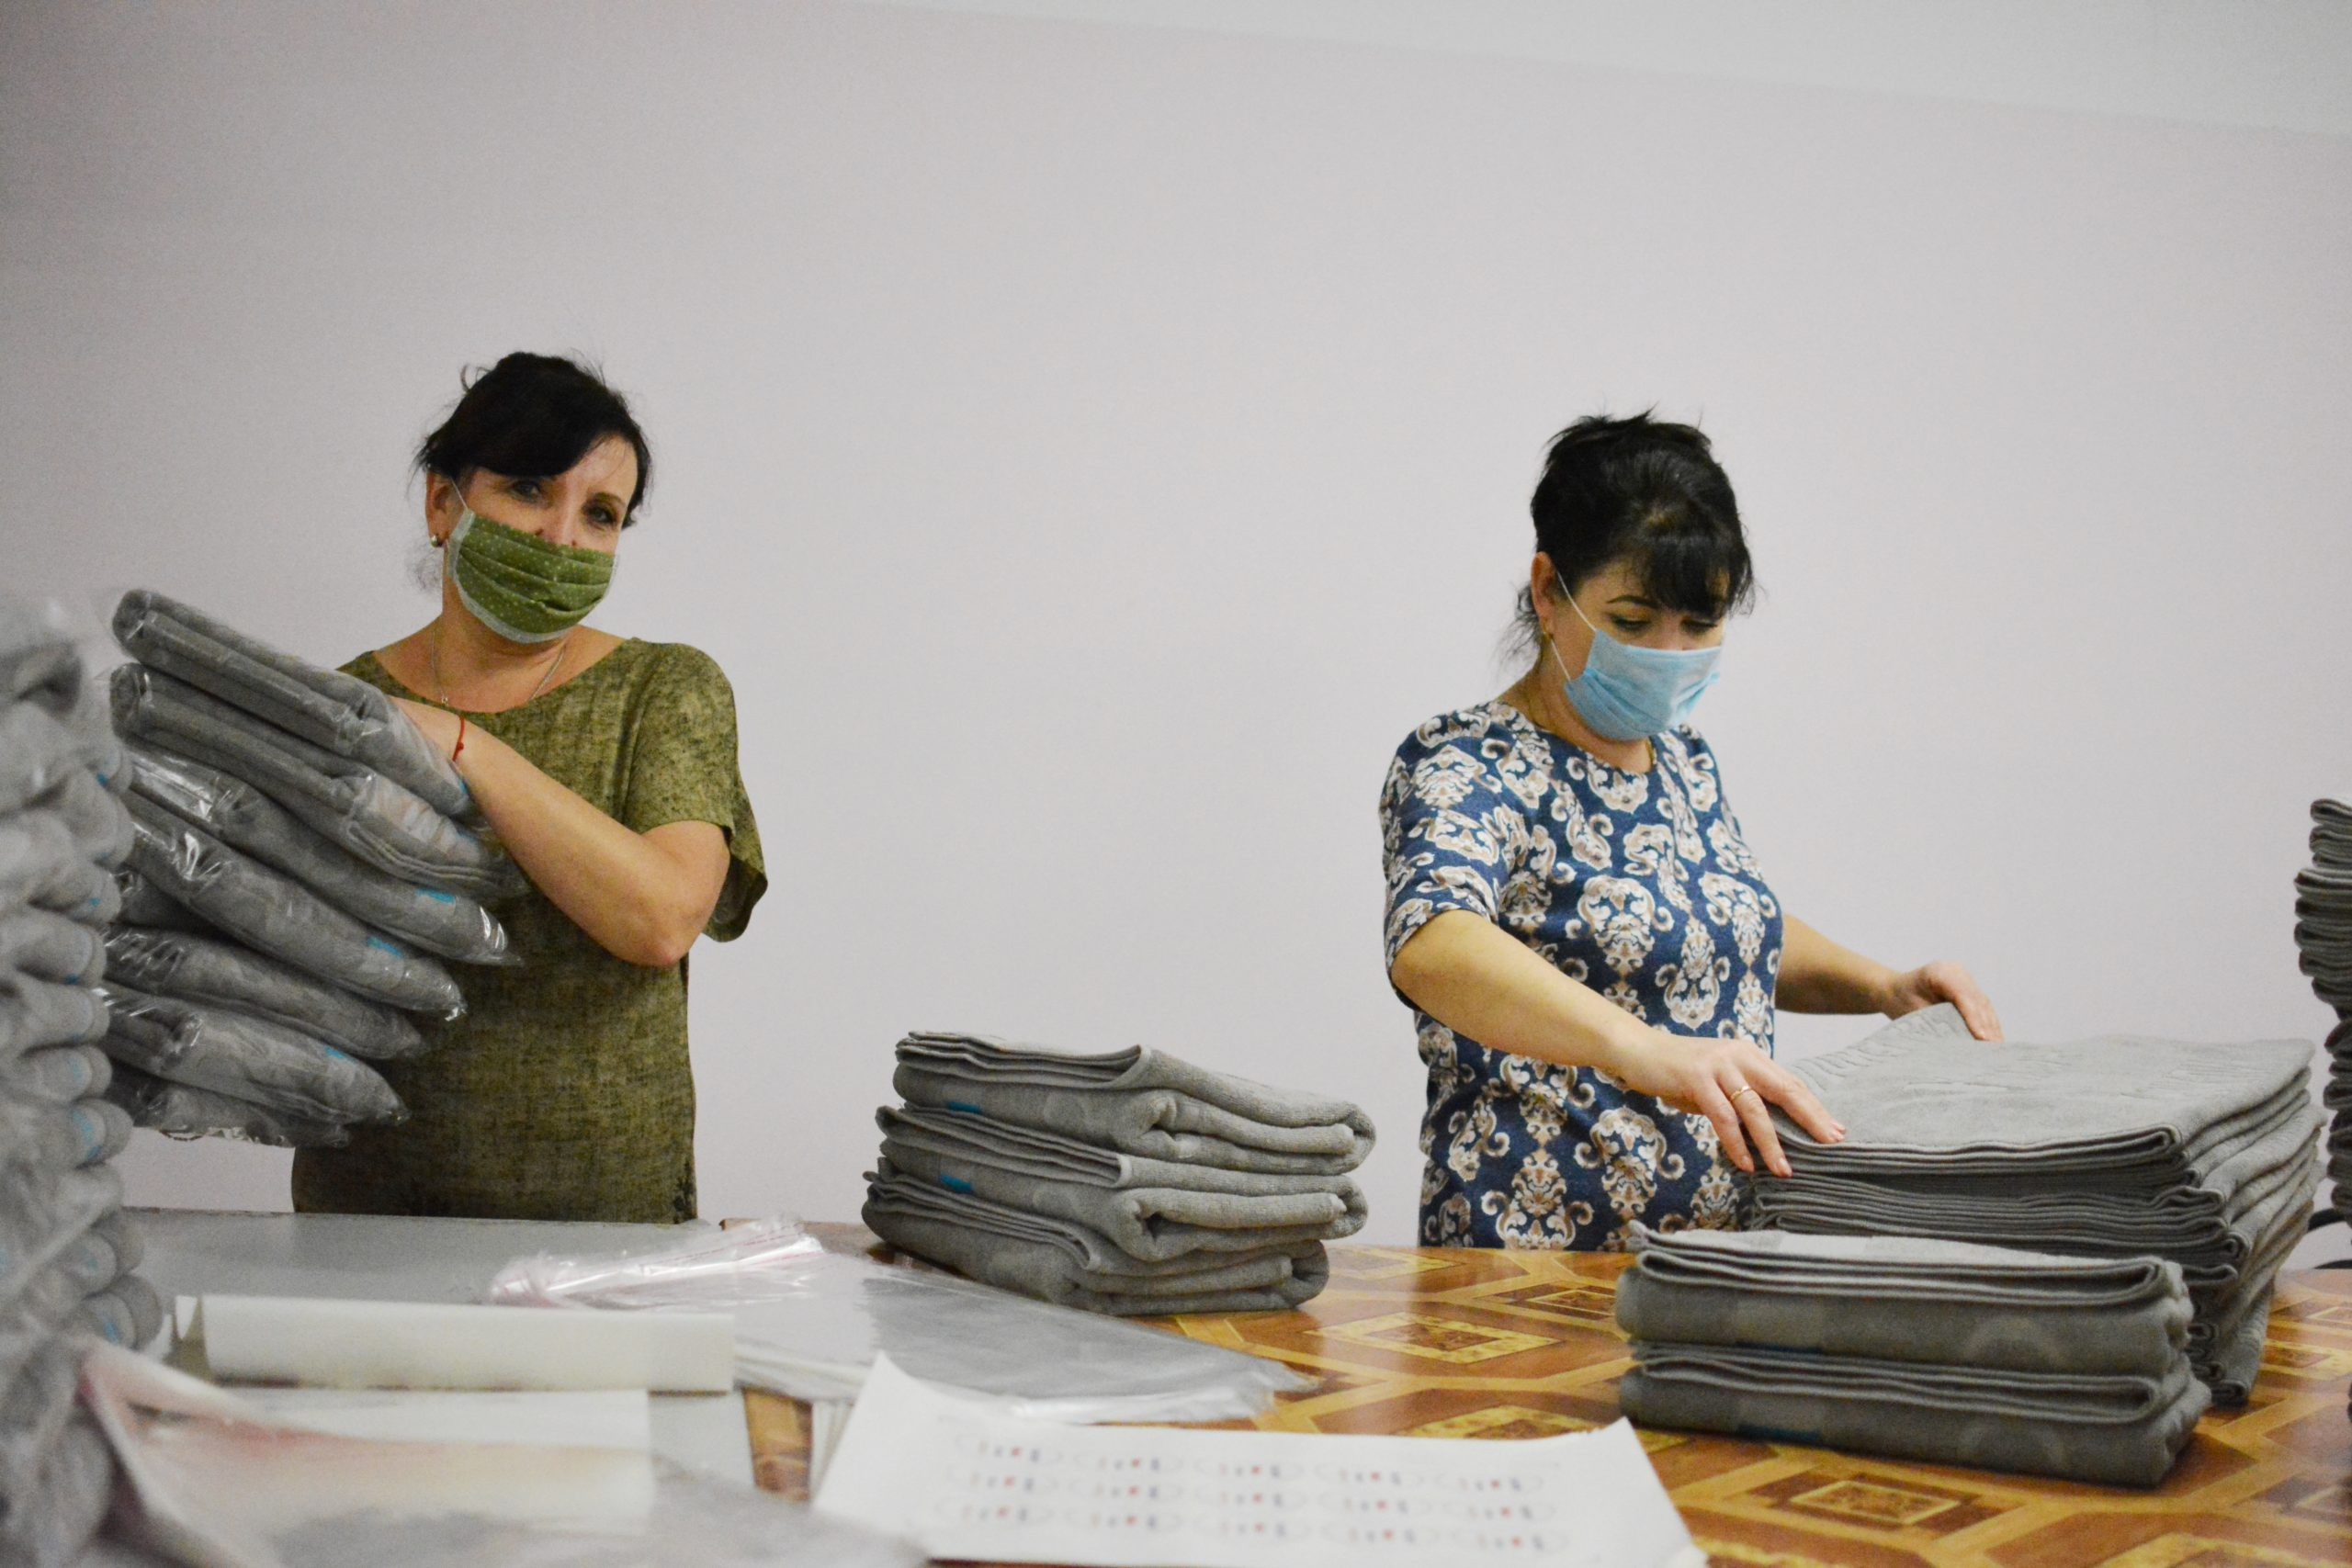 Предприятие «Родники-текстиль» выпустило огнестойкую ткань, не требующую пропитки